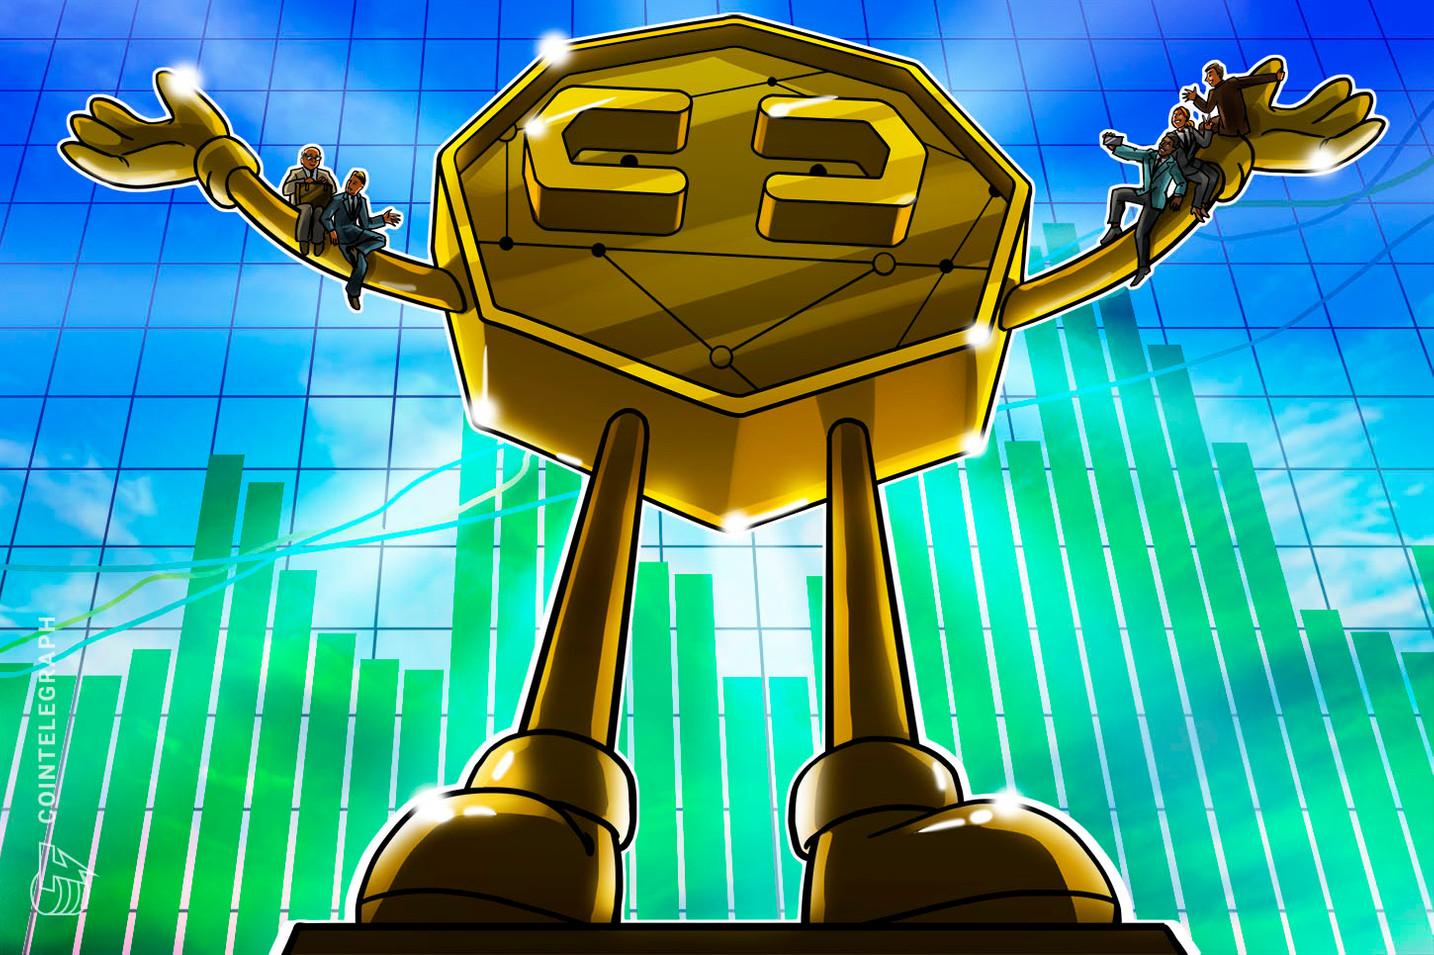 Bitcoin fica abaixo de US $ 7.550, enquanto Altcoins vê ganhos moderados